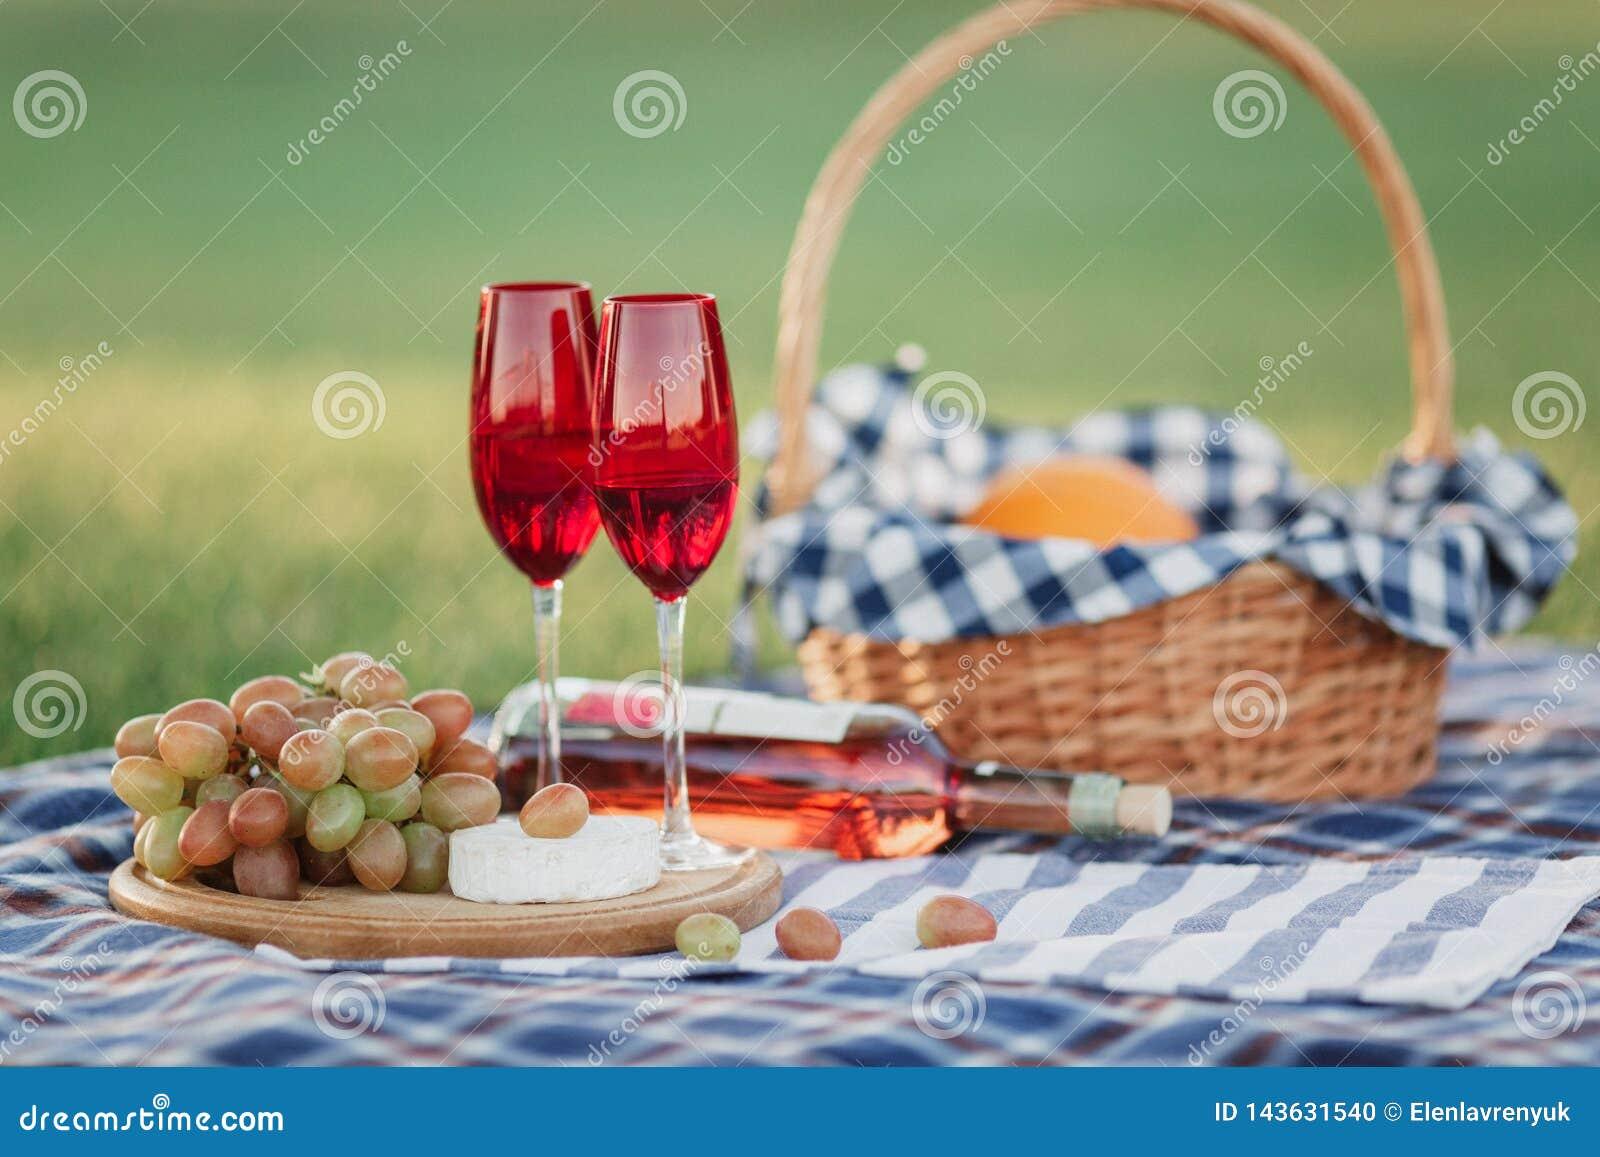 Cesta do piquenique com bebidas, alimento e fruto na parte externa da grama verde no parque do verão